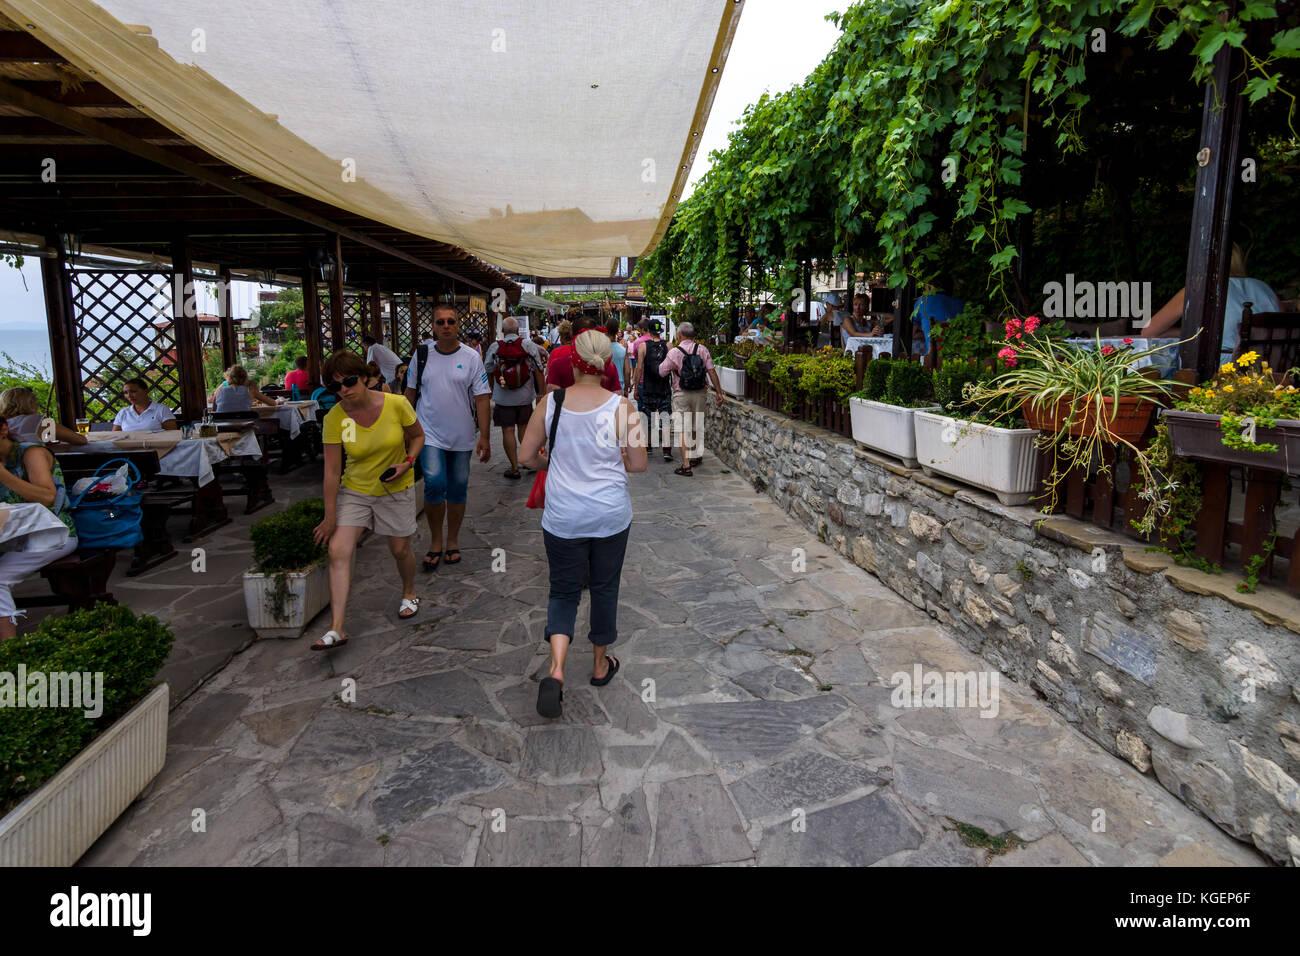 Calle y turistas, restaurantes típicos y cafés en la ciudad patrimonio mundial de la Unesco de Nesebar. Bulgaria. Foto de stock